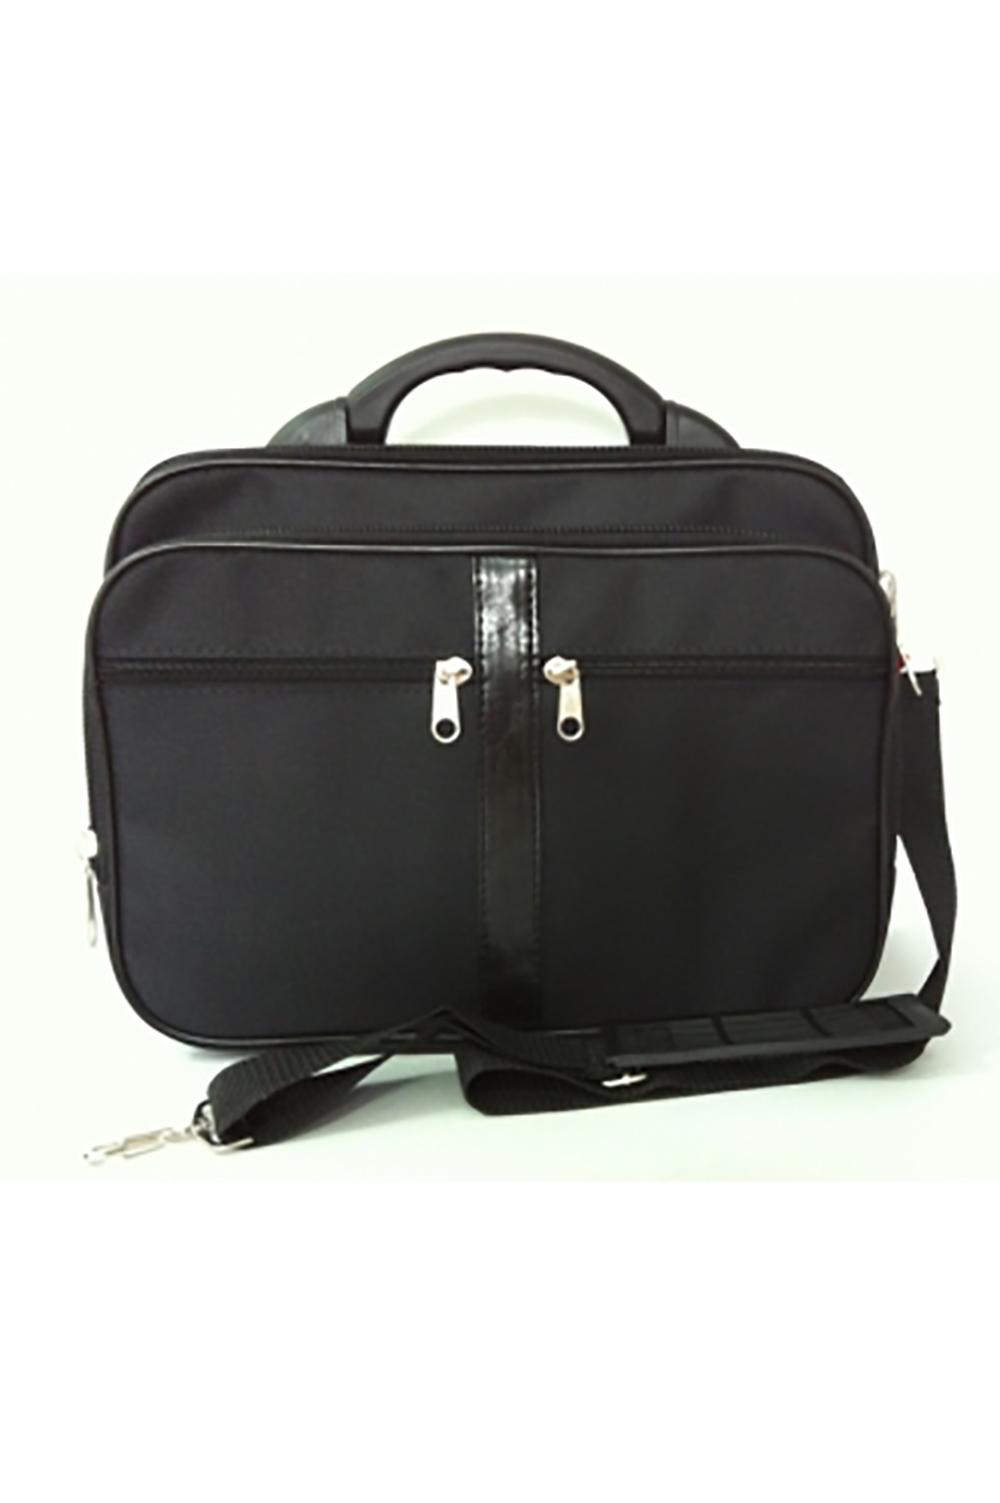 КейсДеловые<br>Удобная и вместительная мужская сумка. Пластмассовый каркас.  Размеры: 36*12*29 см  Цвет: черный<br><br>Размер : UNI<br>Материал: Полиэстер<br>Количество в наличии: 1